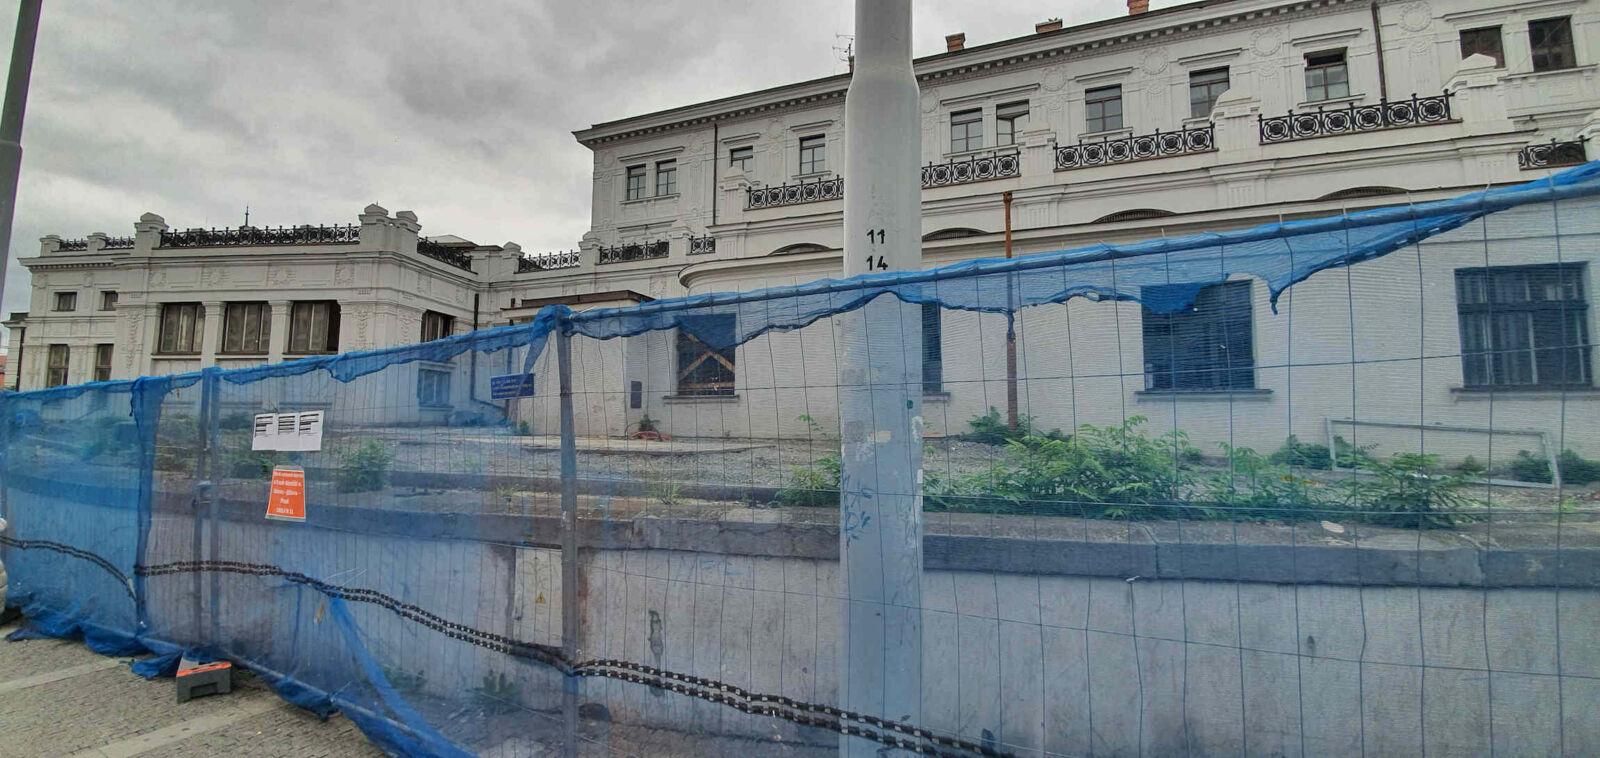 Opravy brněnského hlavního nádraží na podzim 2020